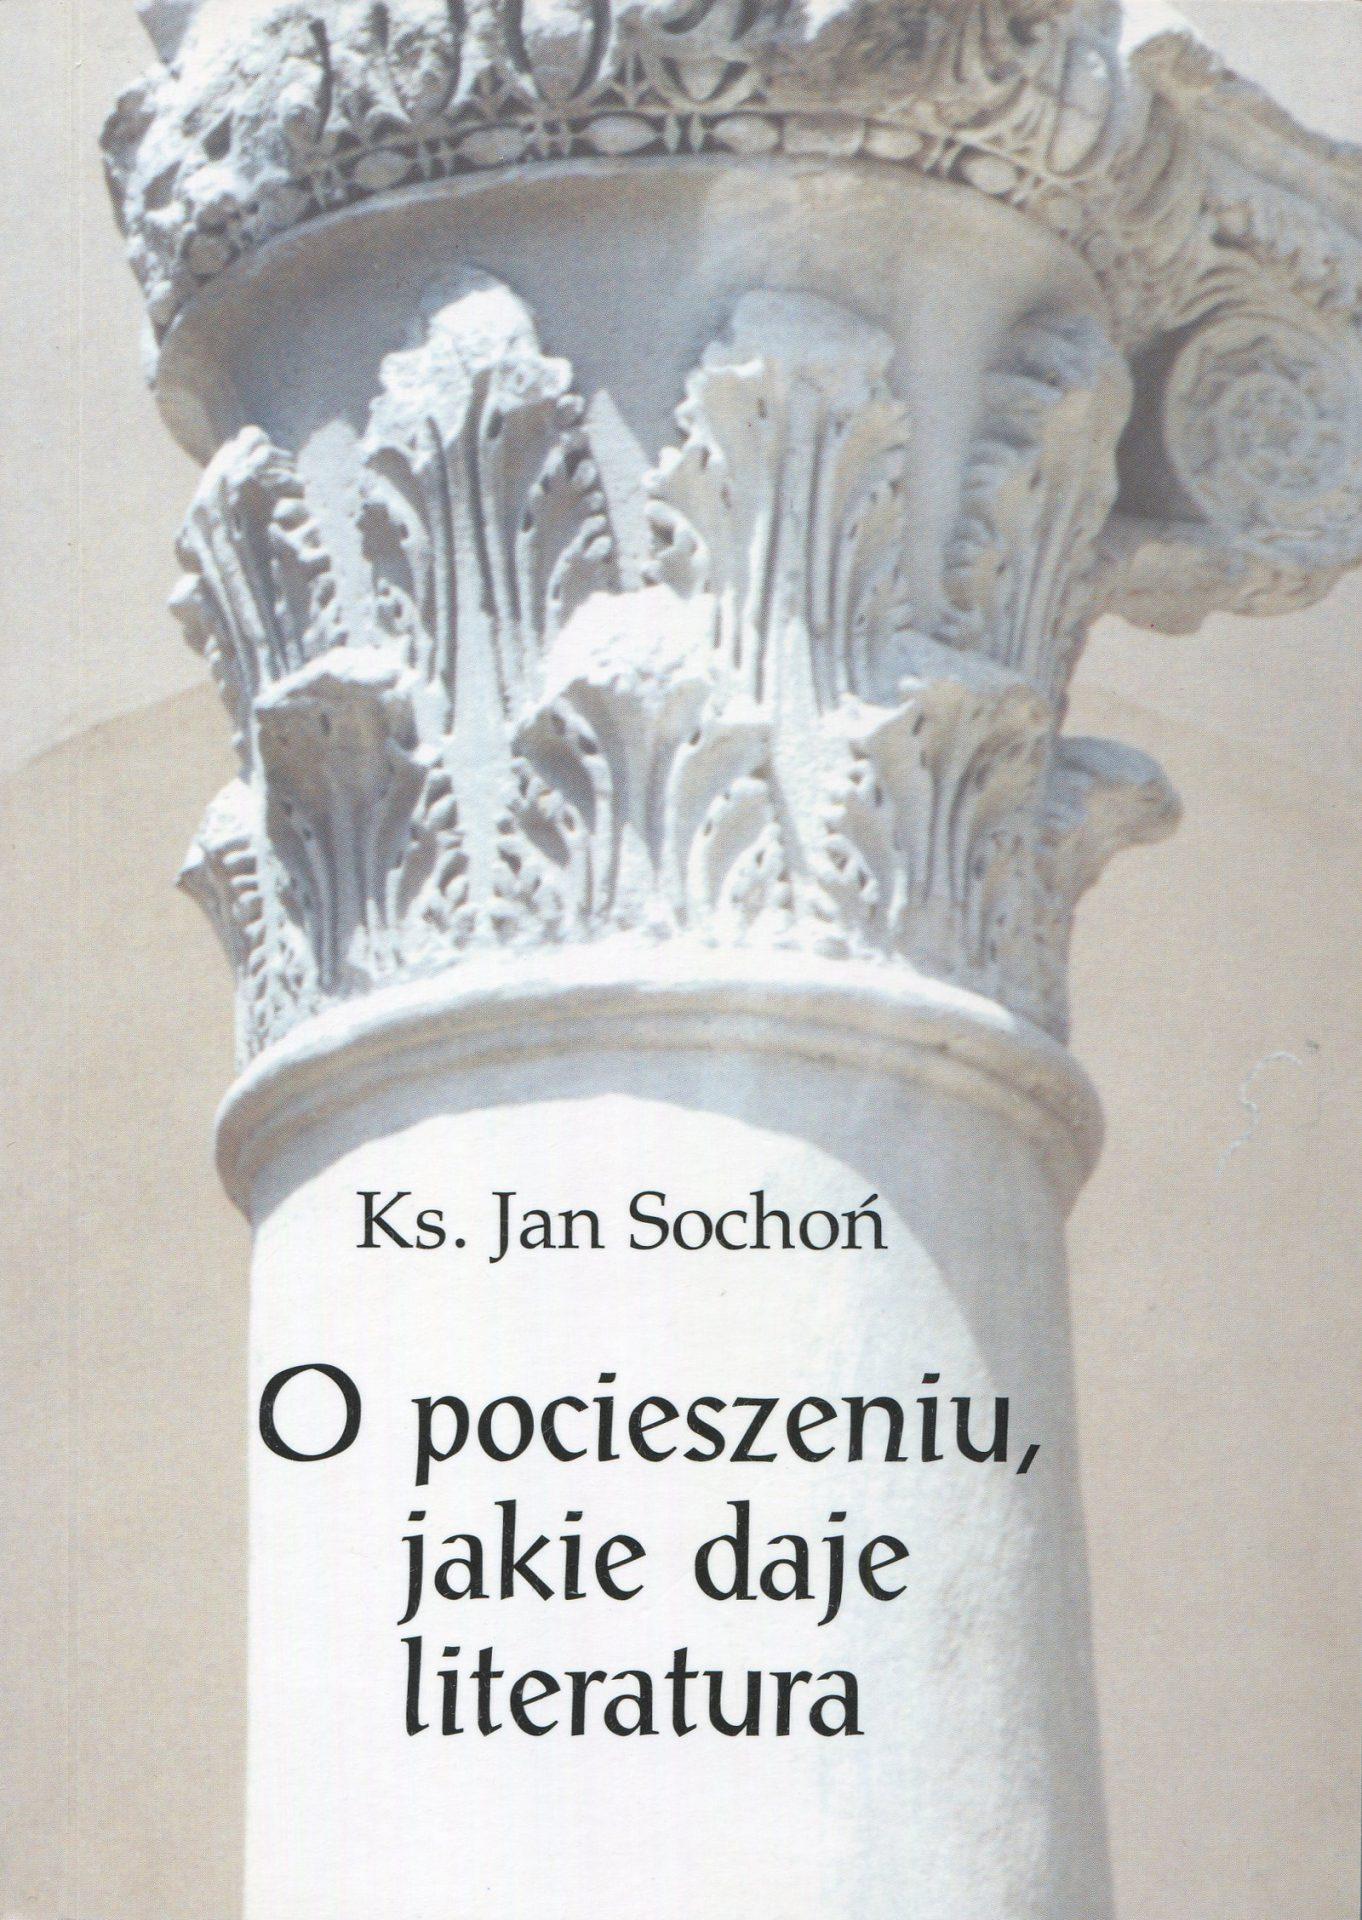 O pocieszeniu, jakie daje literatura - Jan Sochoń